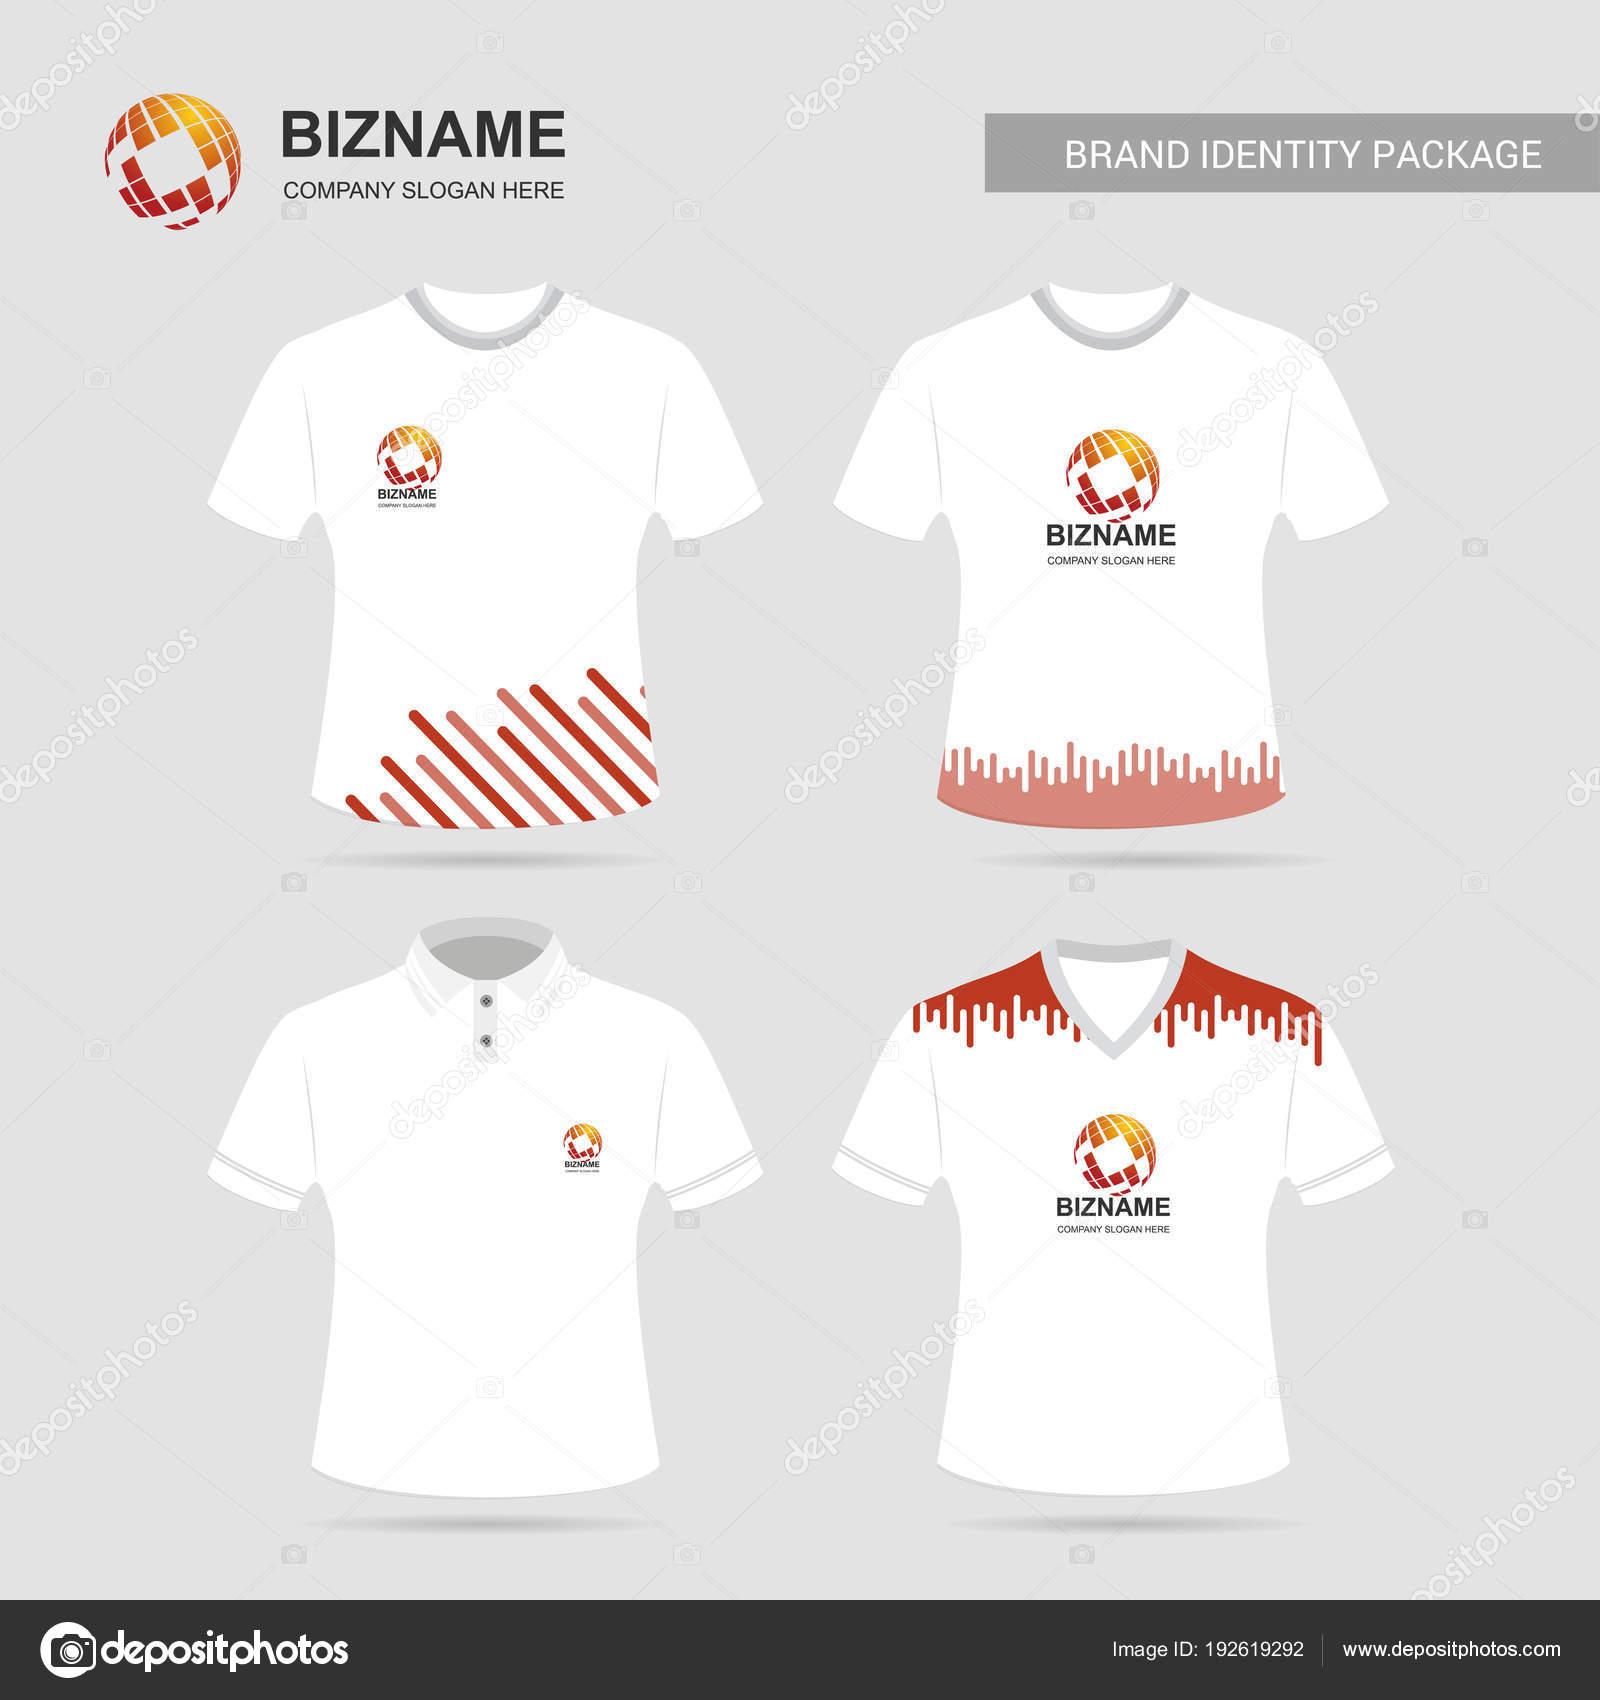 0530b1415a790 Diseño de camisetas de empresa con logotipo - programa para diseñar  logotipos en playeras — Vector de ...